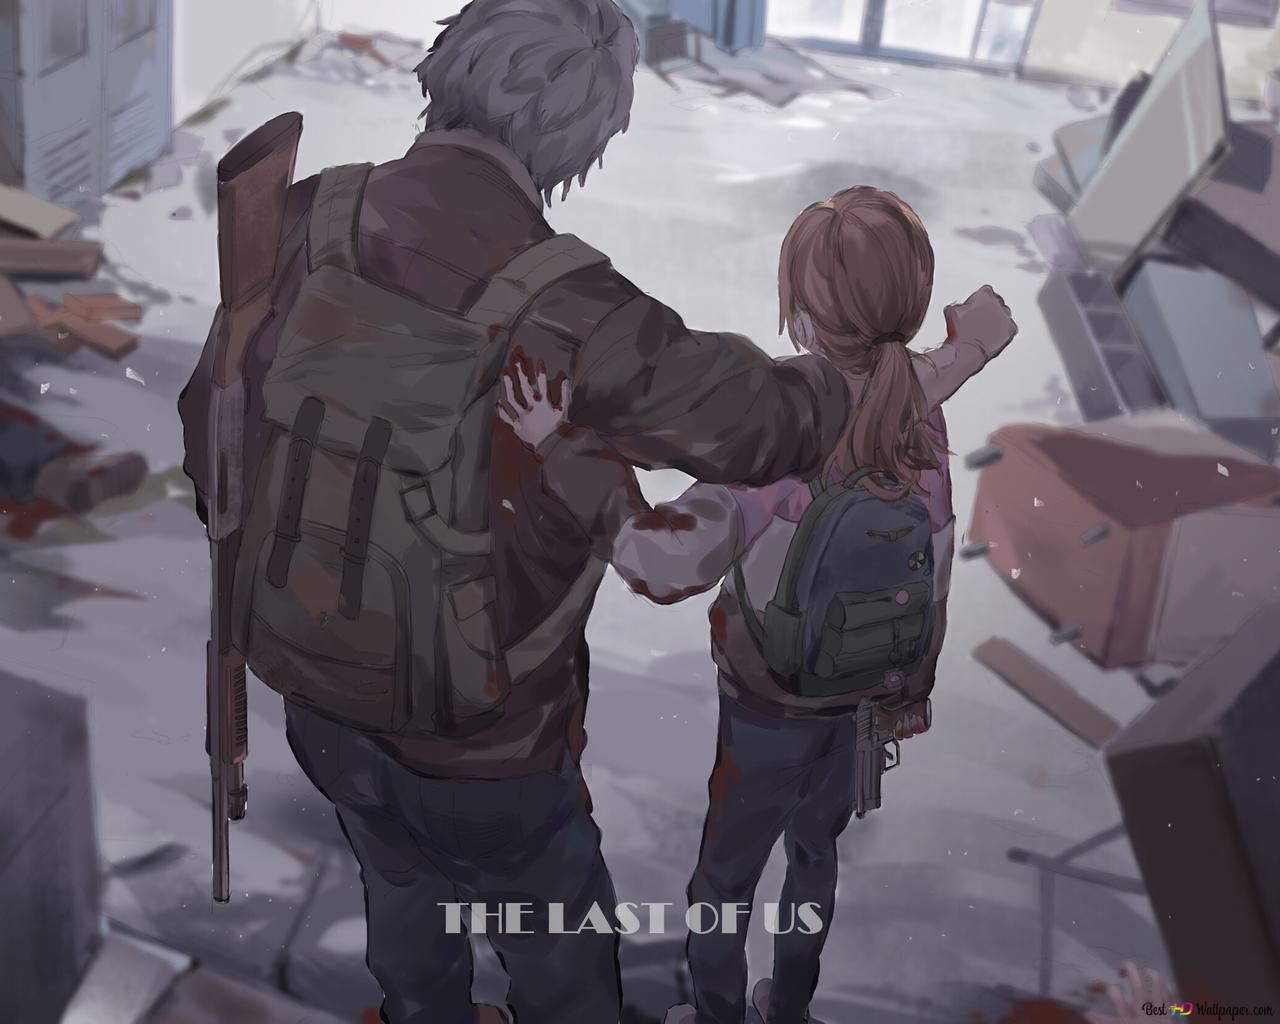 The Last Of Us Ellie Joel Hd Wallpaper Download